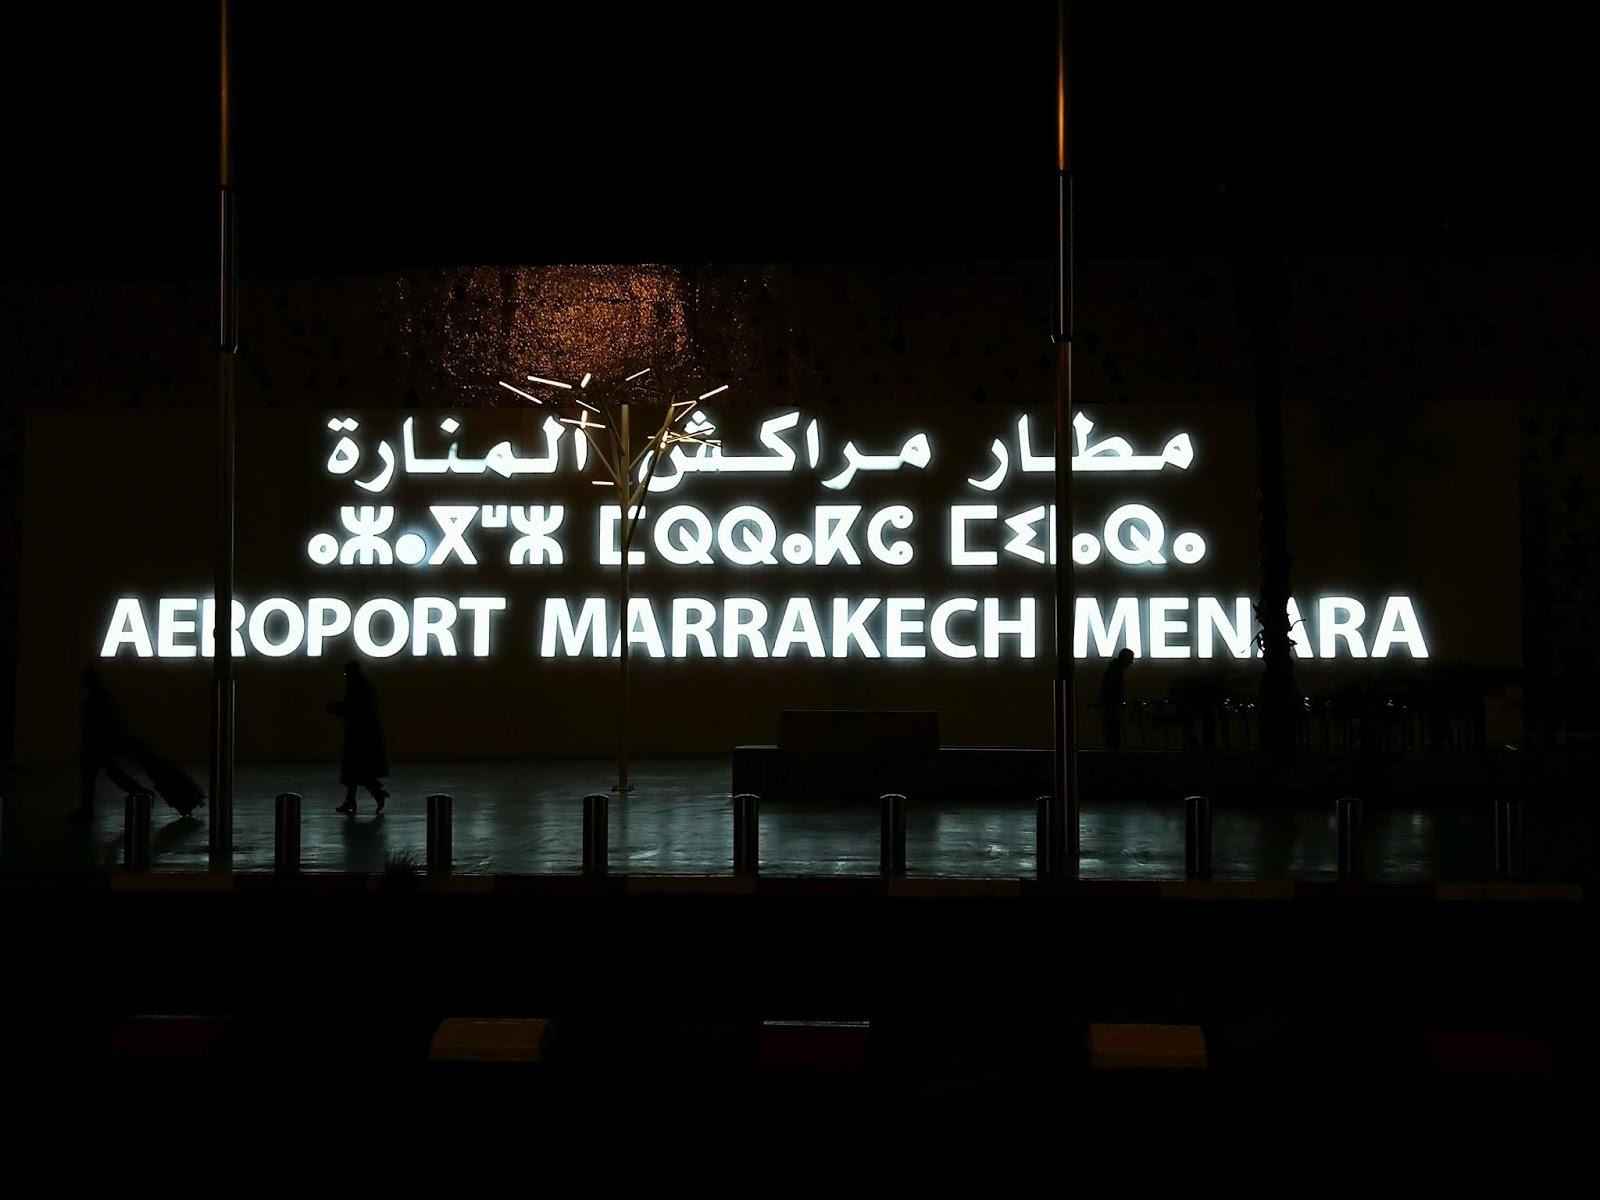 Intalnirea omului Marrakech.